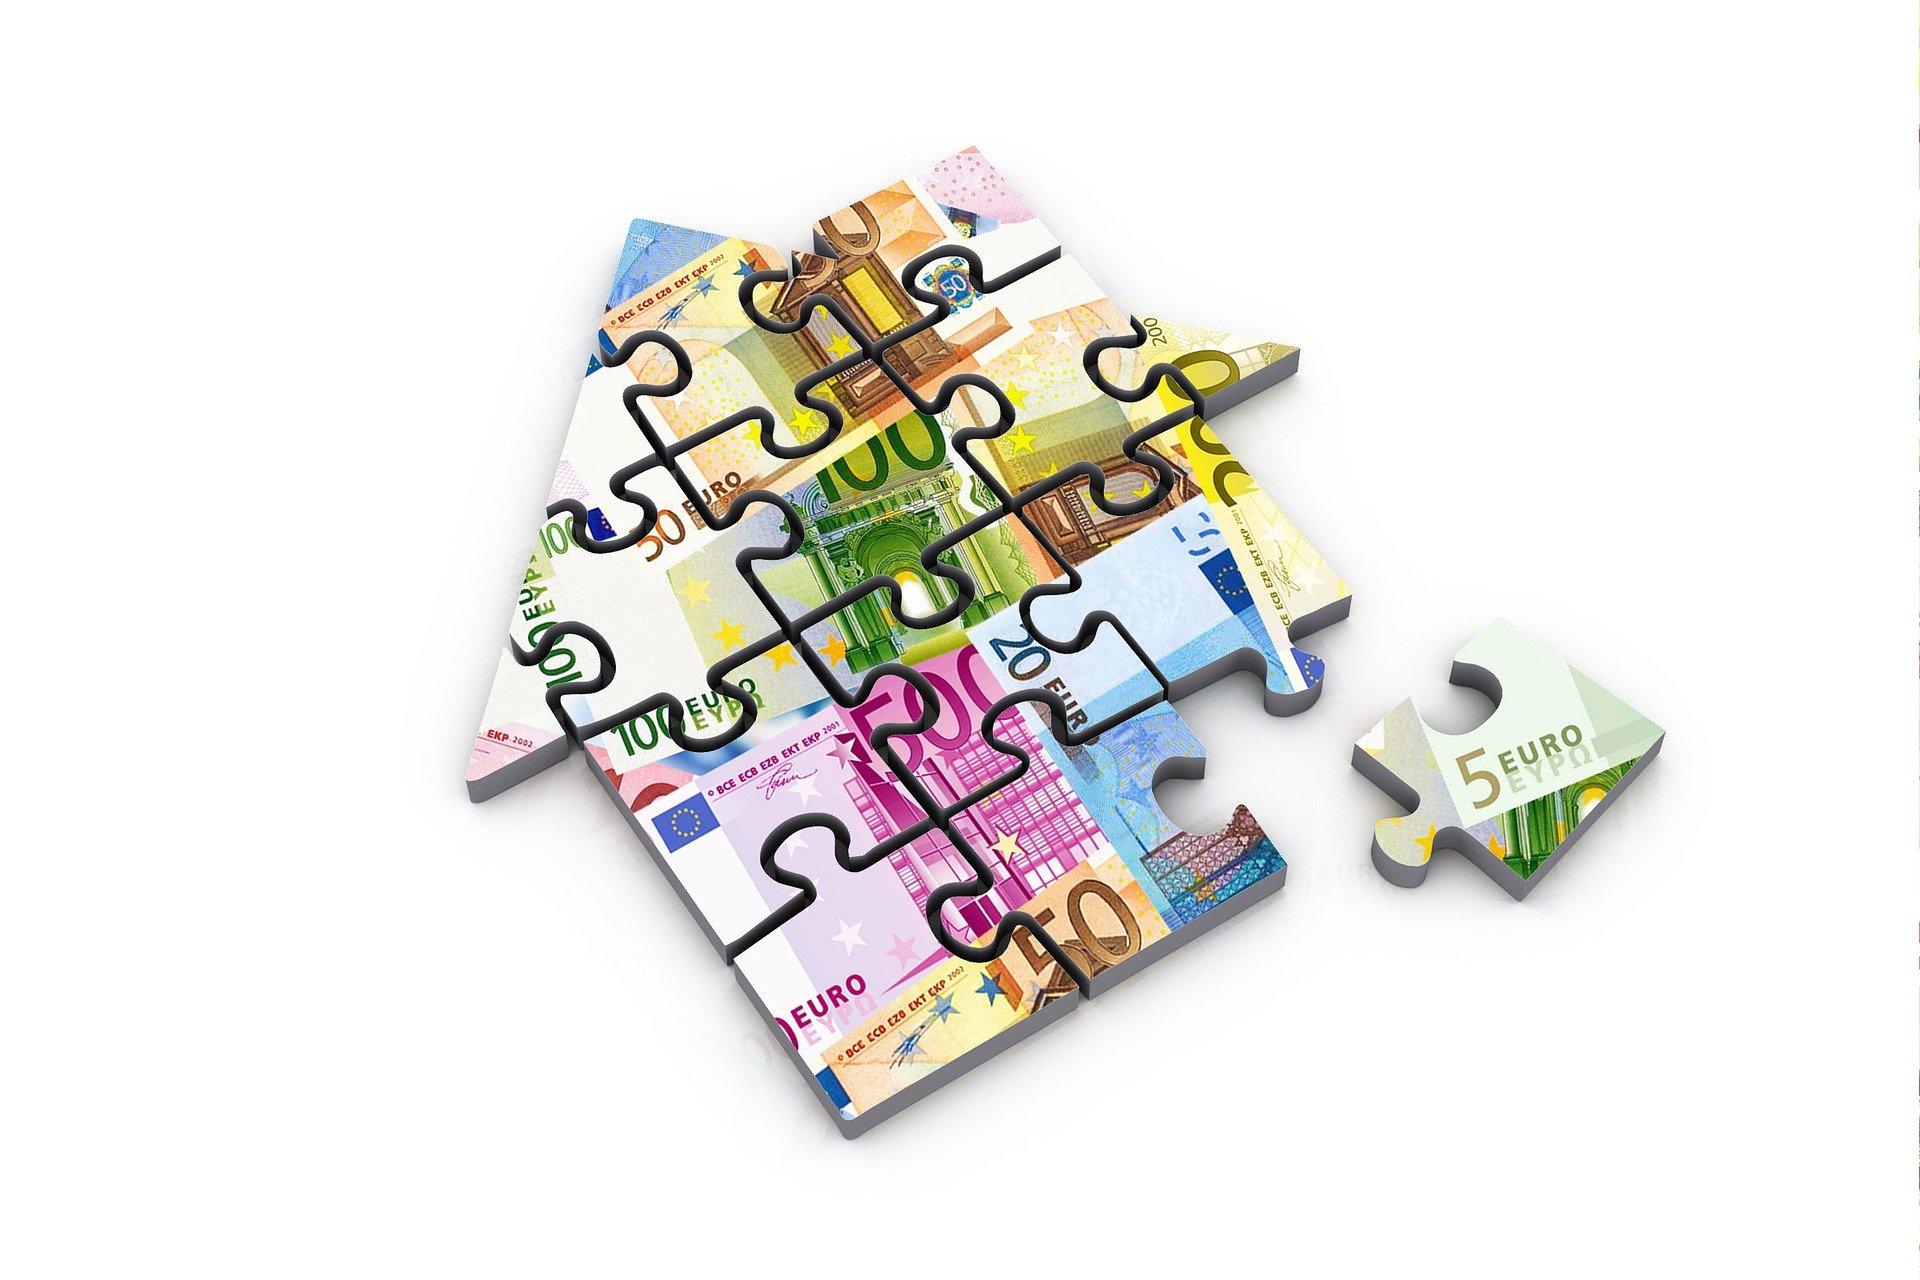 Vendre son bien immobilier en Allemagne - 9 étapes pour une vente réussie